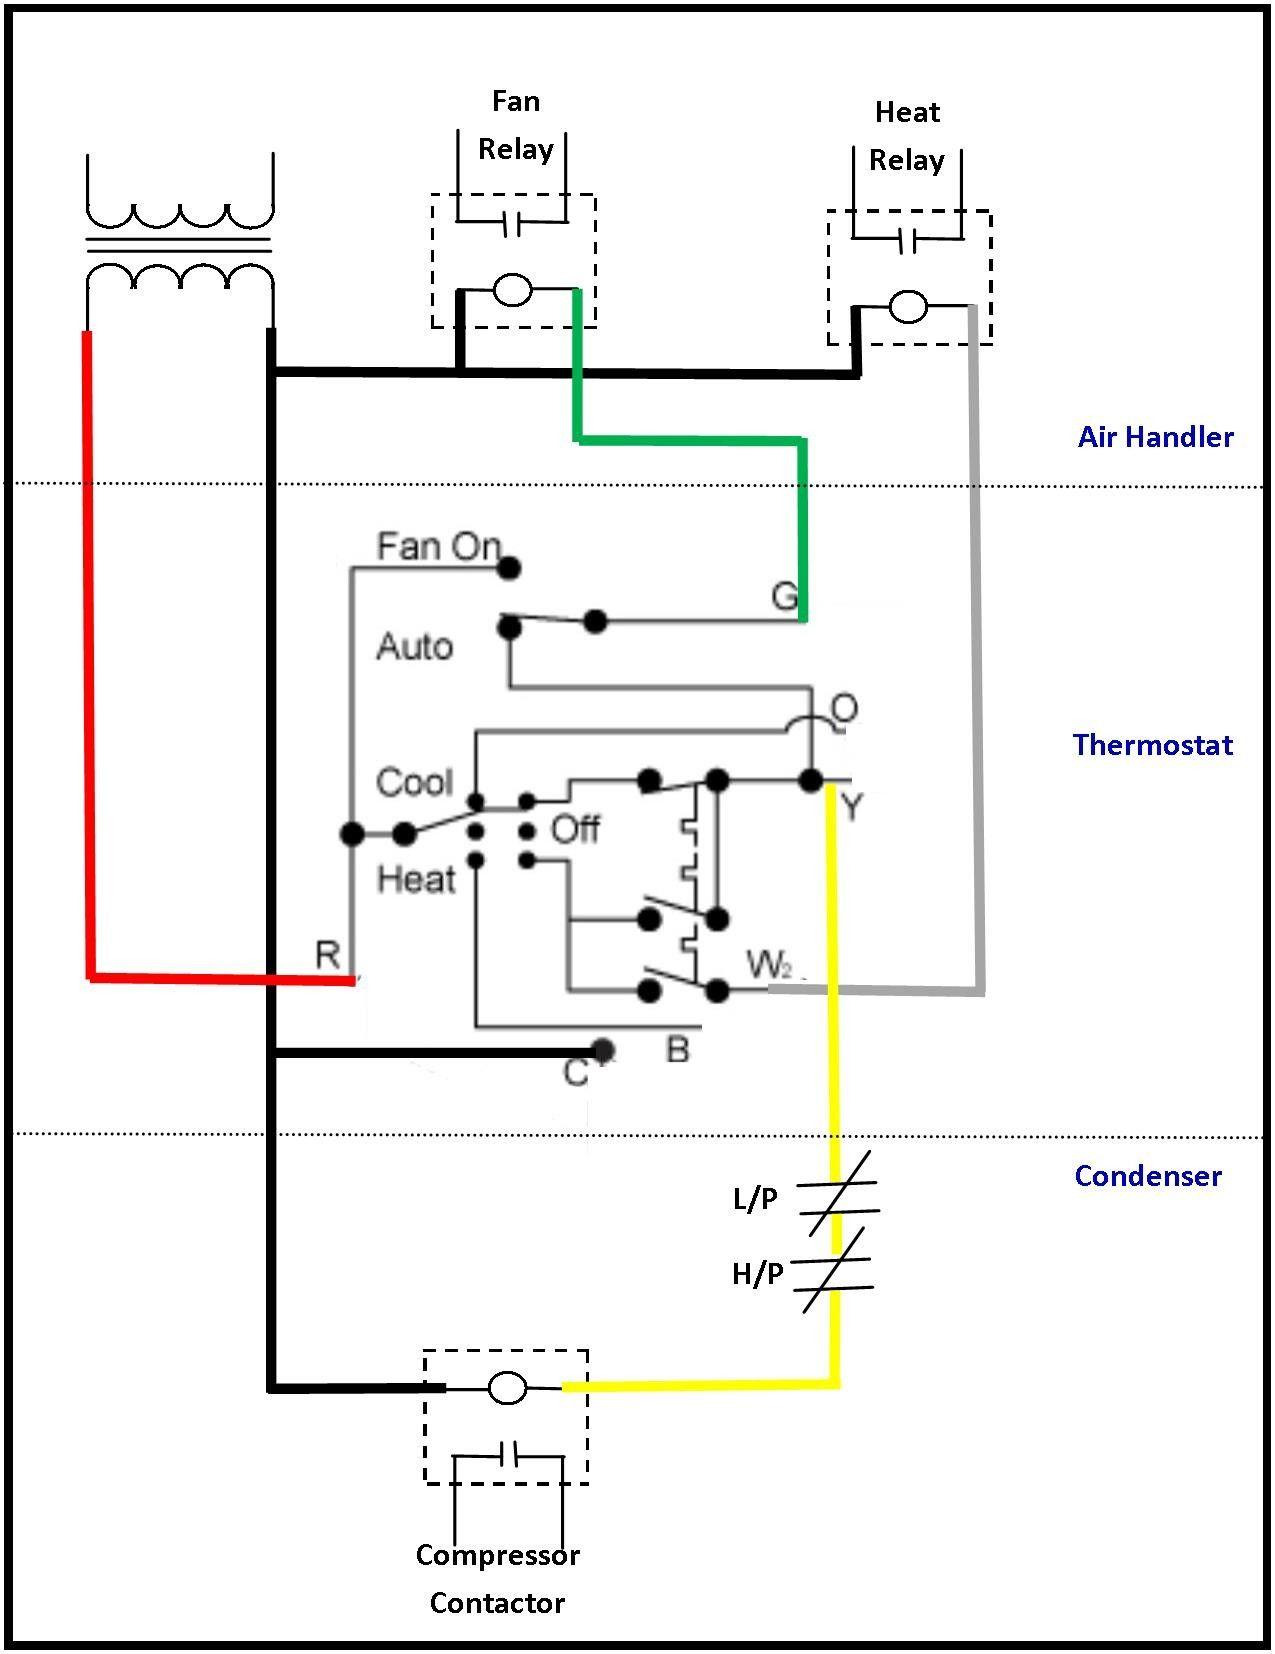 Wiring Diagram Ac Cassette Diagram Diagramtemplate Diagramsample Cuadro Electrico Refrigeracion Y Aire Acondicionado Automovil Electrico